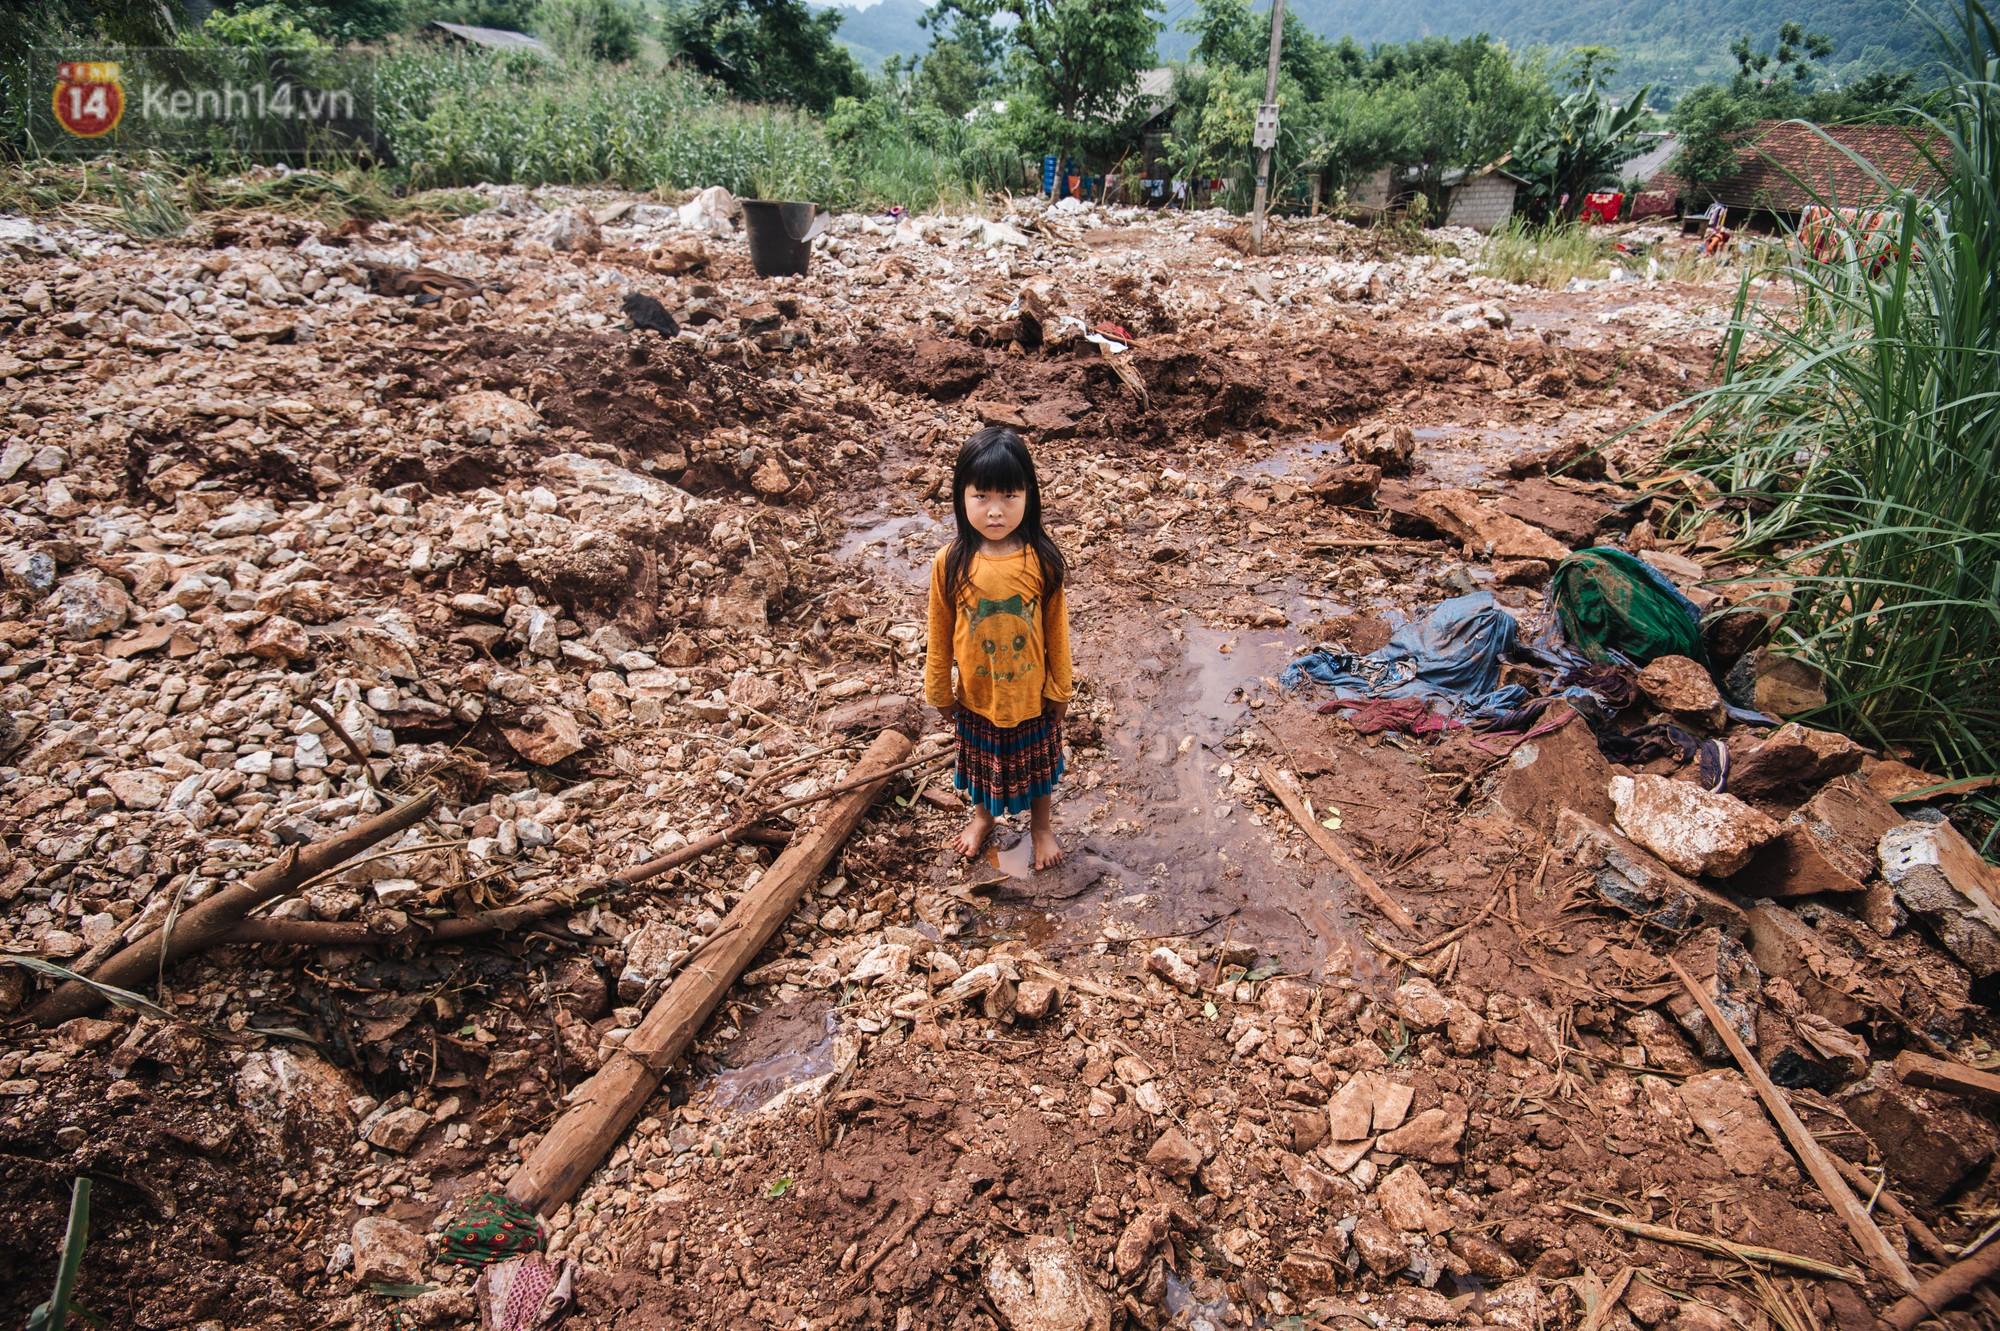 Trận lũ đau thương ở Hà Giang trong vòng 10 năm qua: 'Giờ đâu còn nhà nữa, mất hết, lũ cuốn trôi hết rồi...' 6